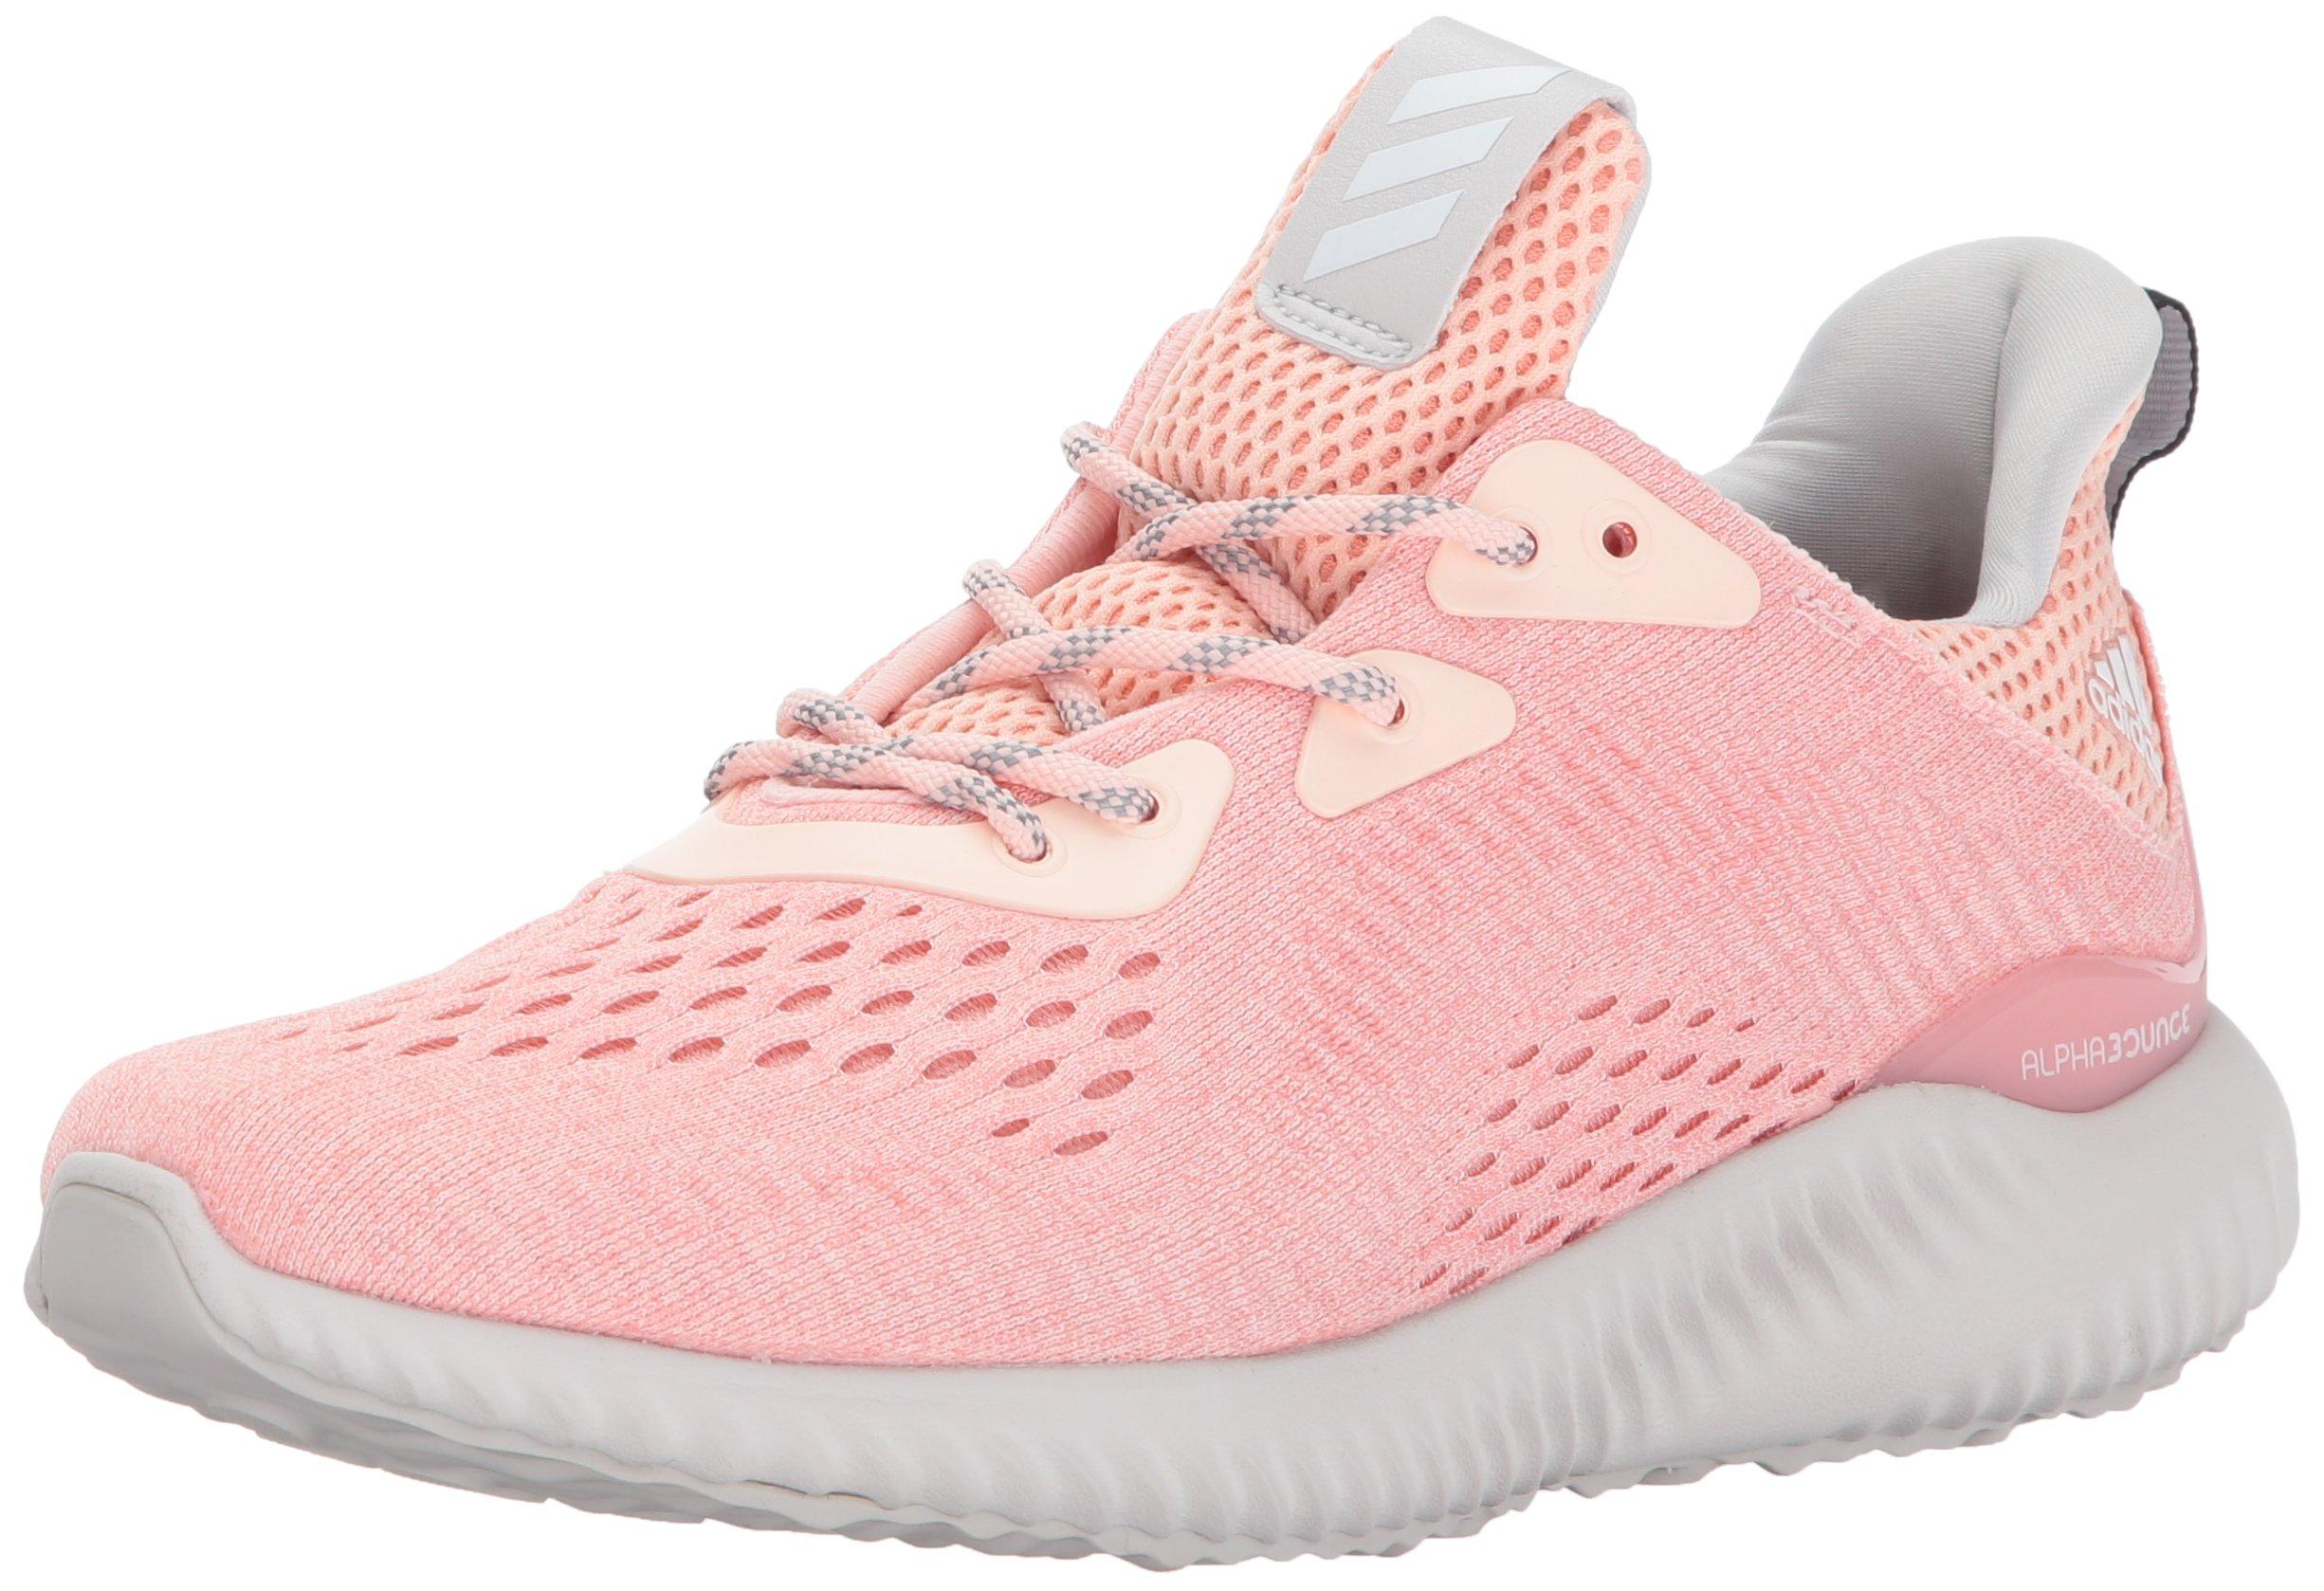 7200c22d0d30b Galleon - Adidas Women s Alphabounce Em W Running Shoe